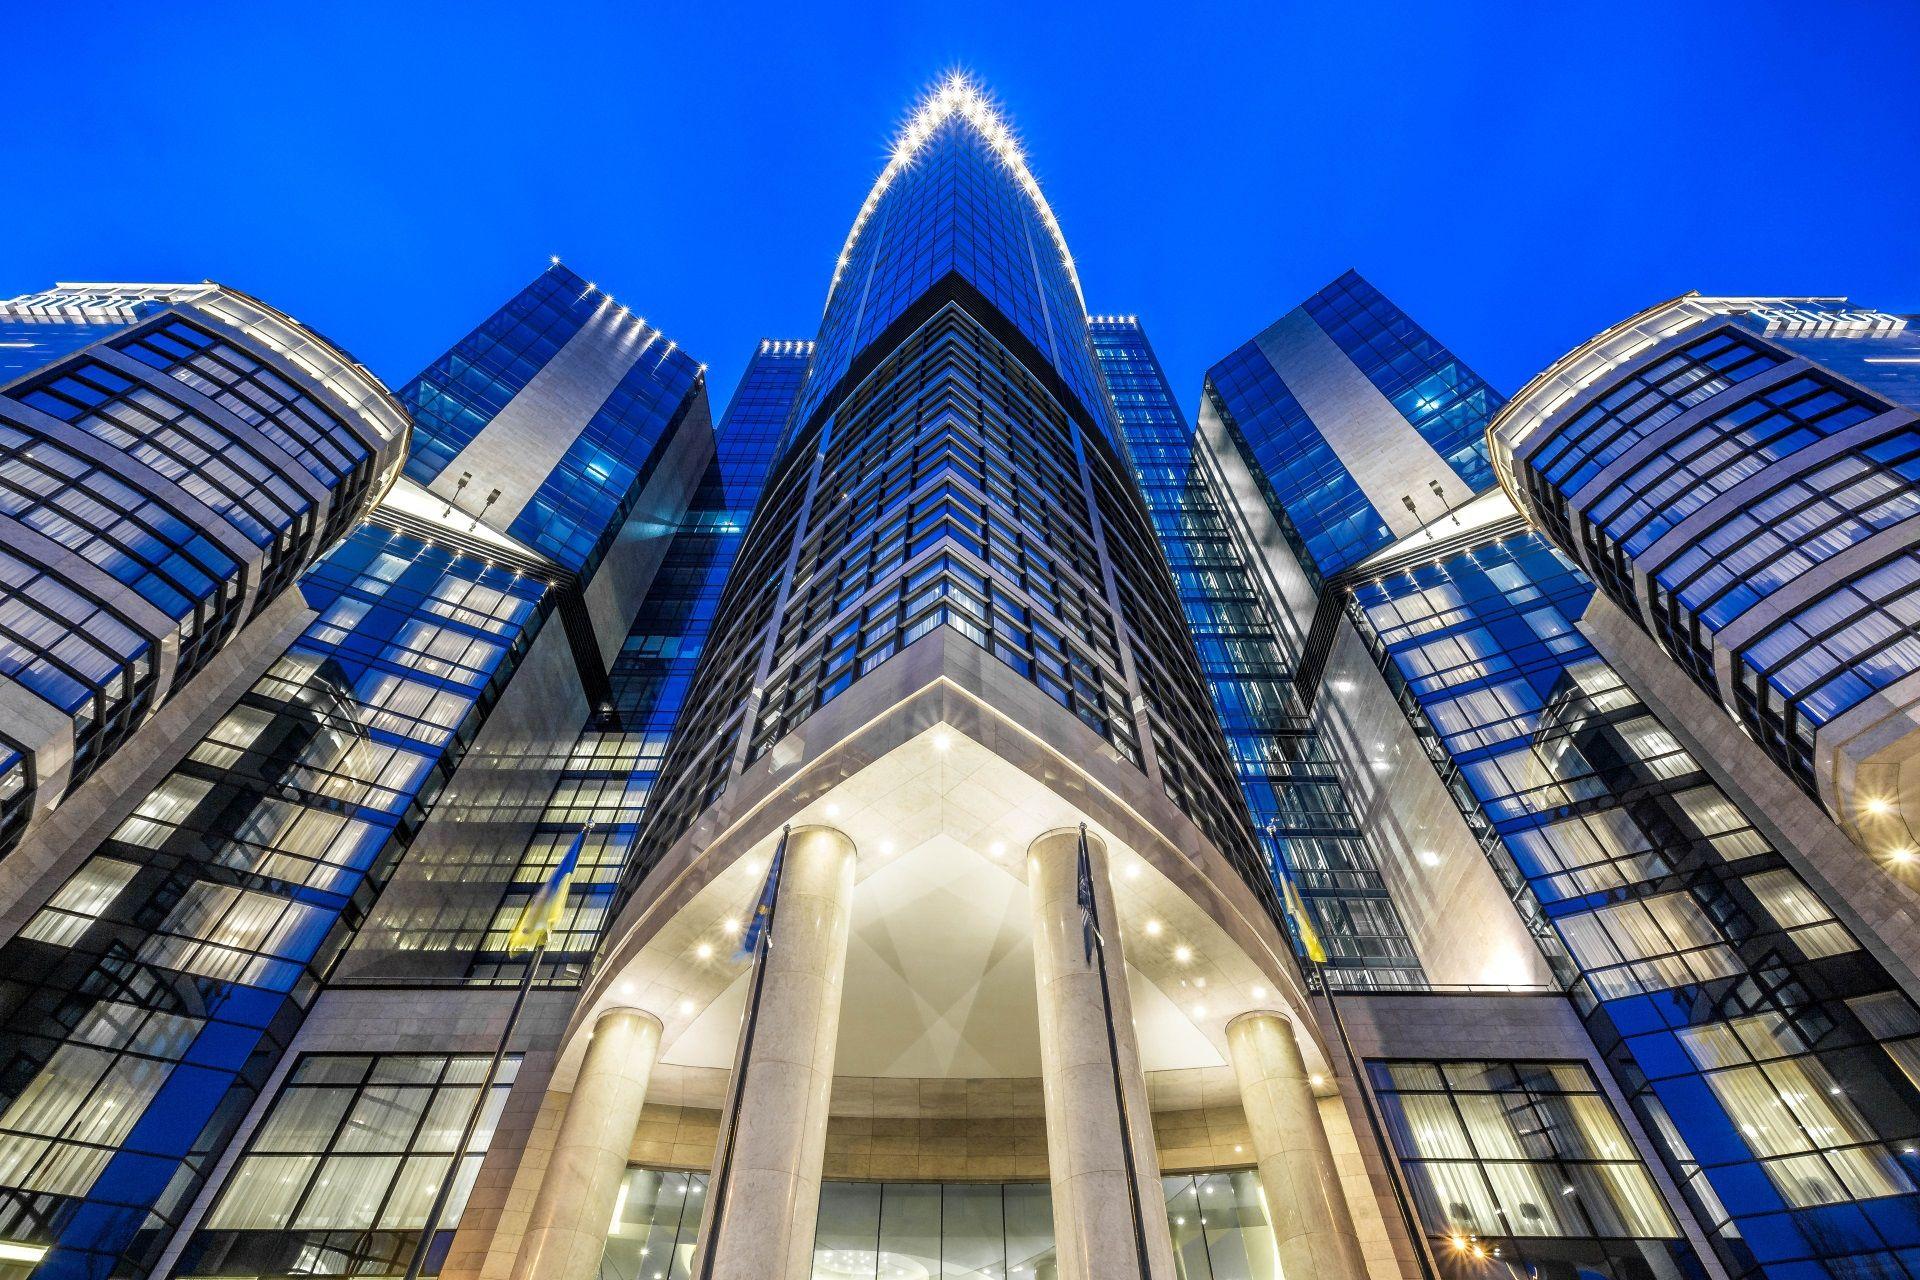 11 февраля в Киеве в отеле Hilton состоится выставка зарубежной жилой недвижимости.